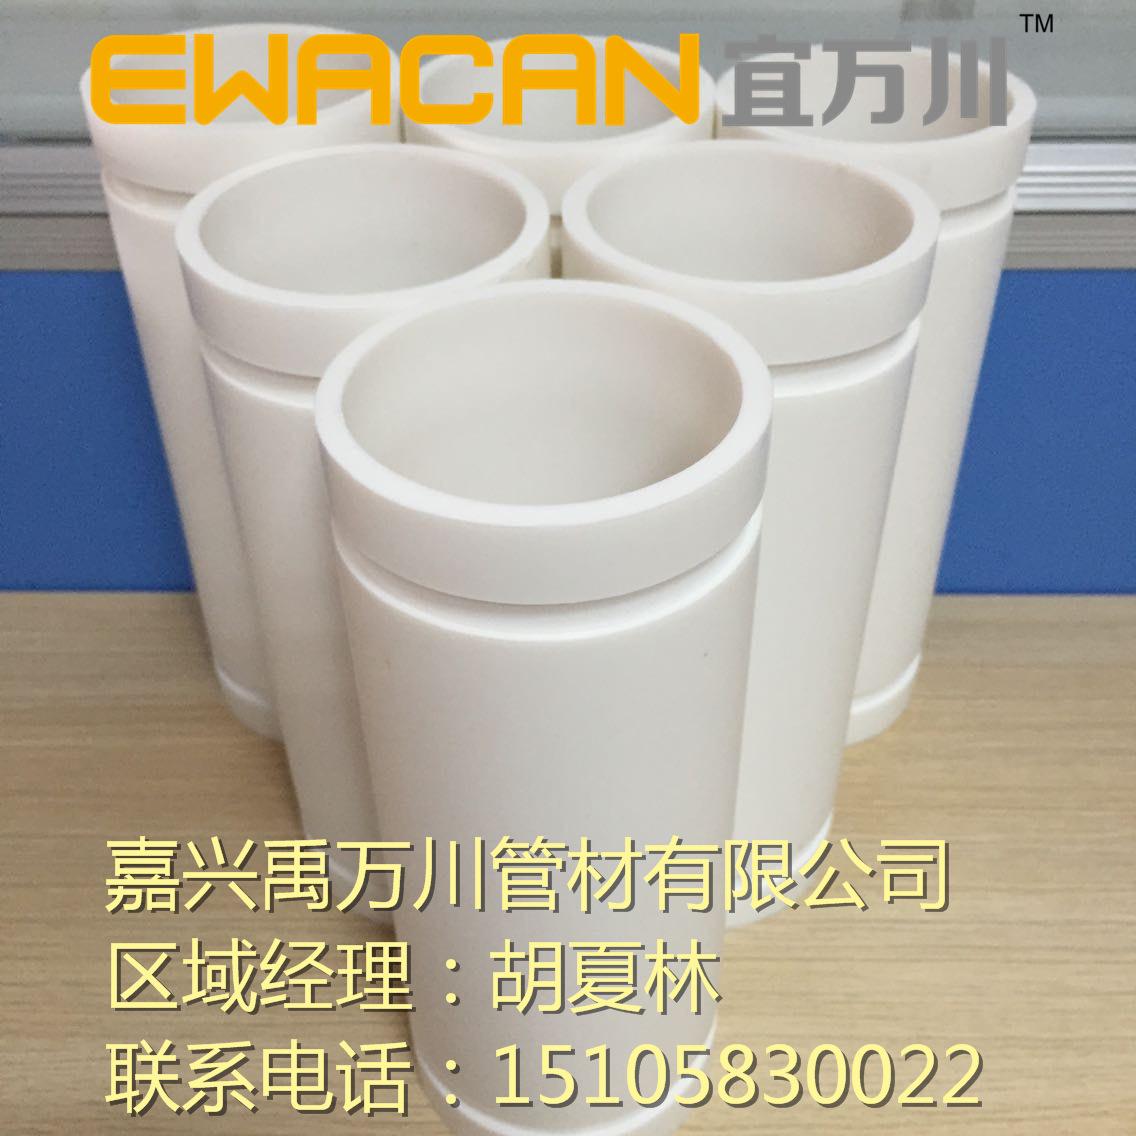 沟槽式HDPE超静音排水管,管道主材,PE管沟槽连接宜万川静音排水示例图1